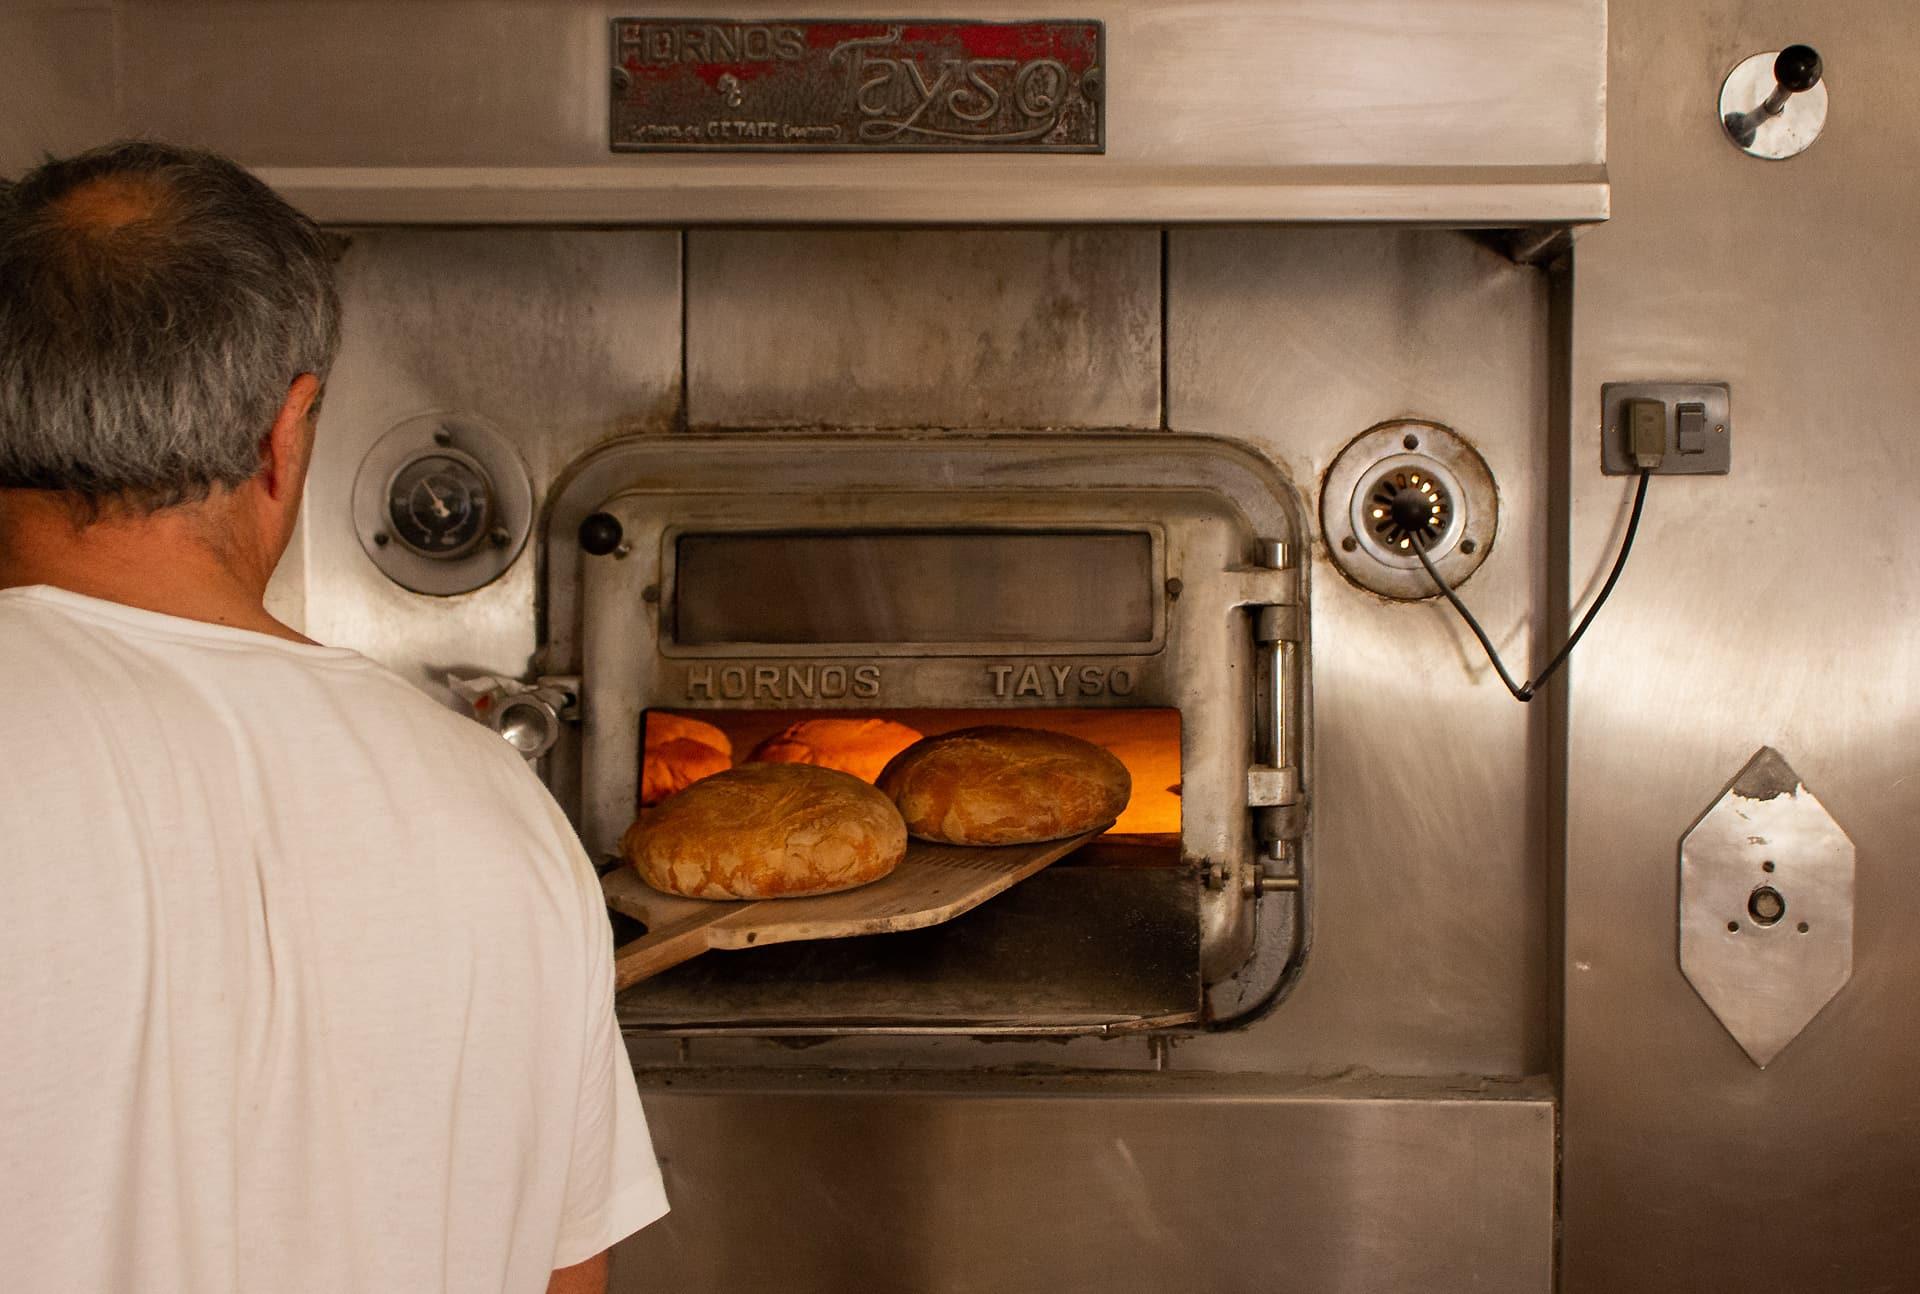 Pan de León Panadería Villabente saliendo del horno